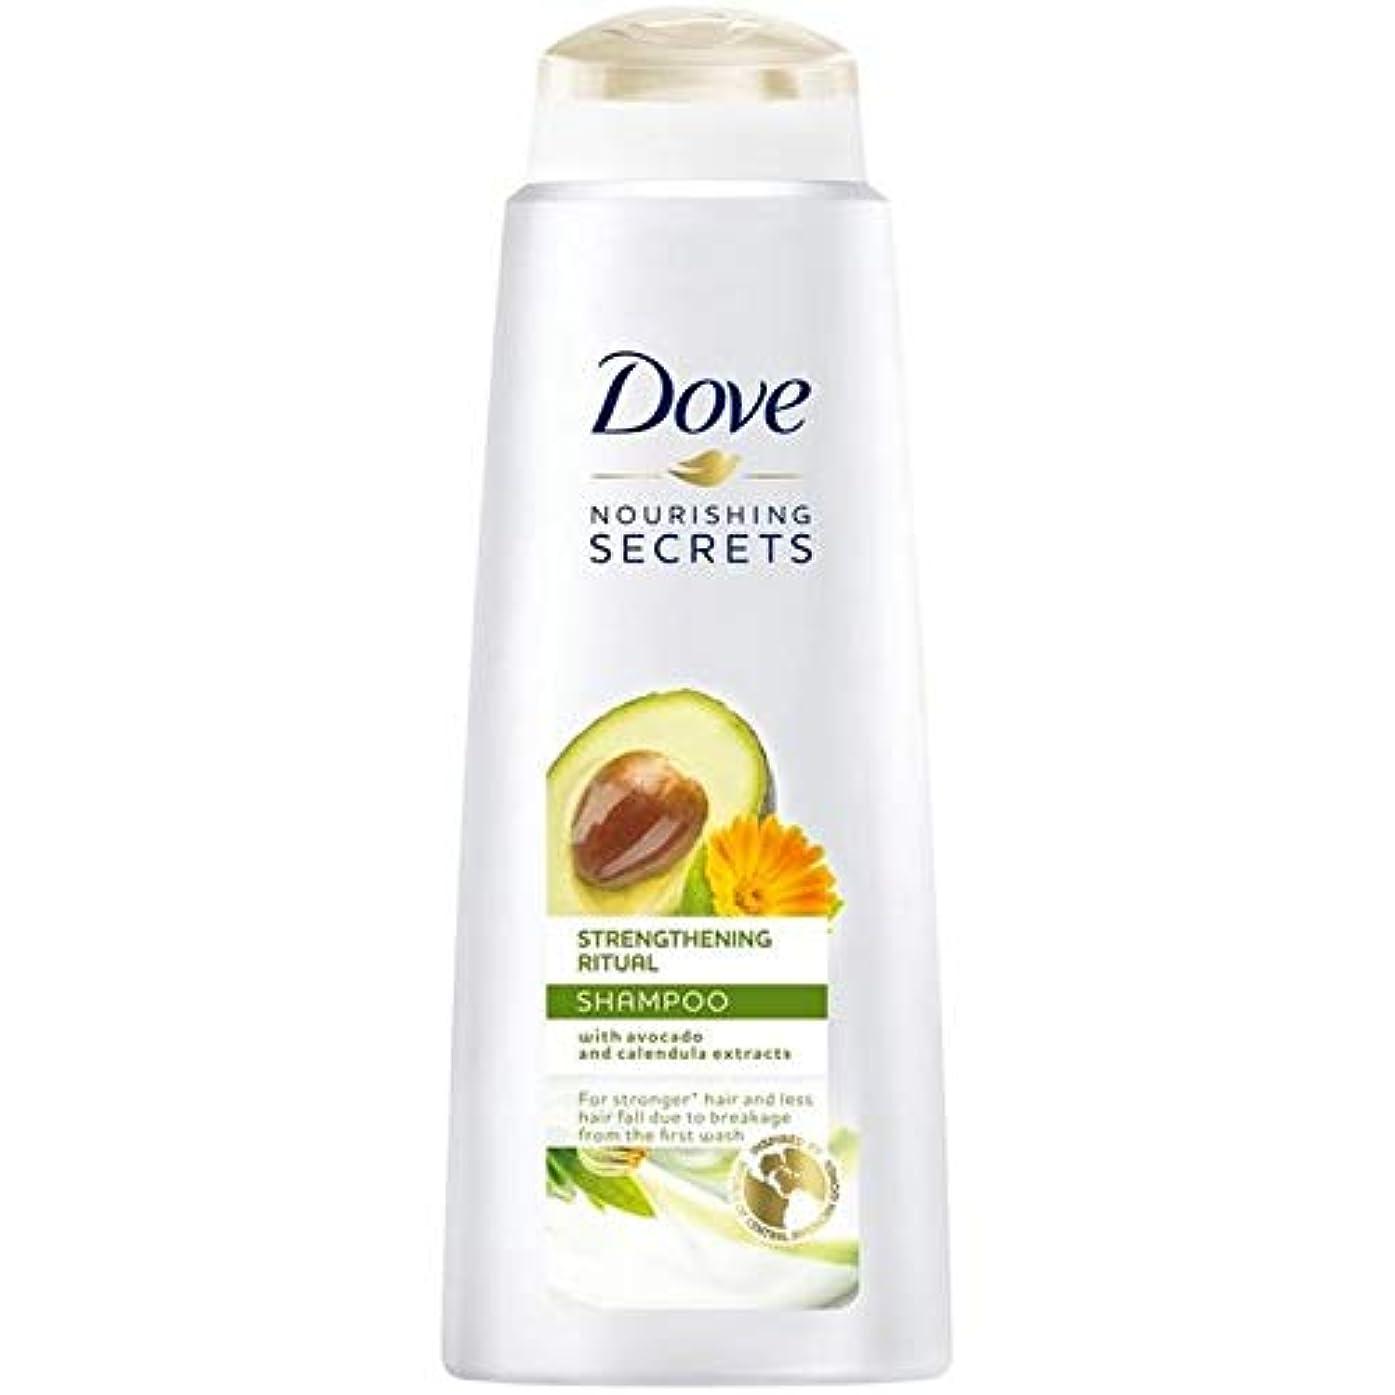 きらめく見捨てられた音声学[Dove ] 儀式のシャンプー400ミリリットルを強化鳩栄養の秘密 - Dove Nourishing Secrets Strengthening Ritual Shampoo 400ml [並行輸入品]